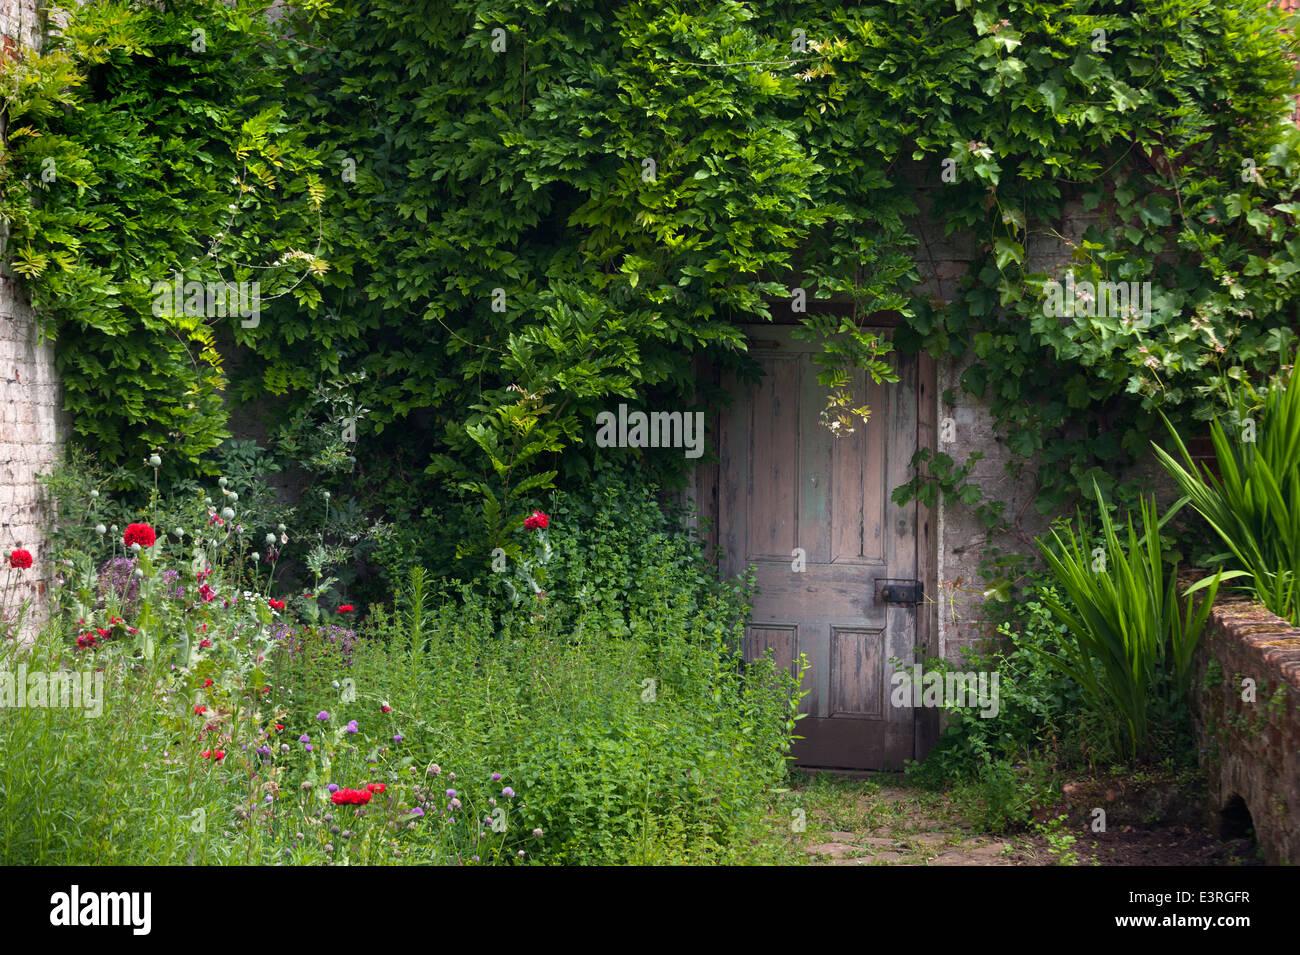 Alte Tür Im Verlassenen Garten